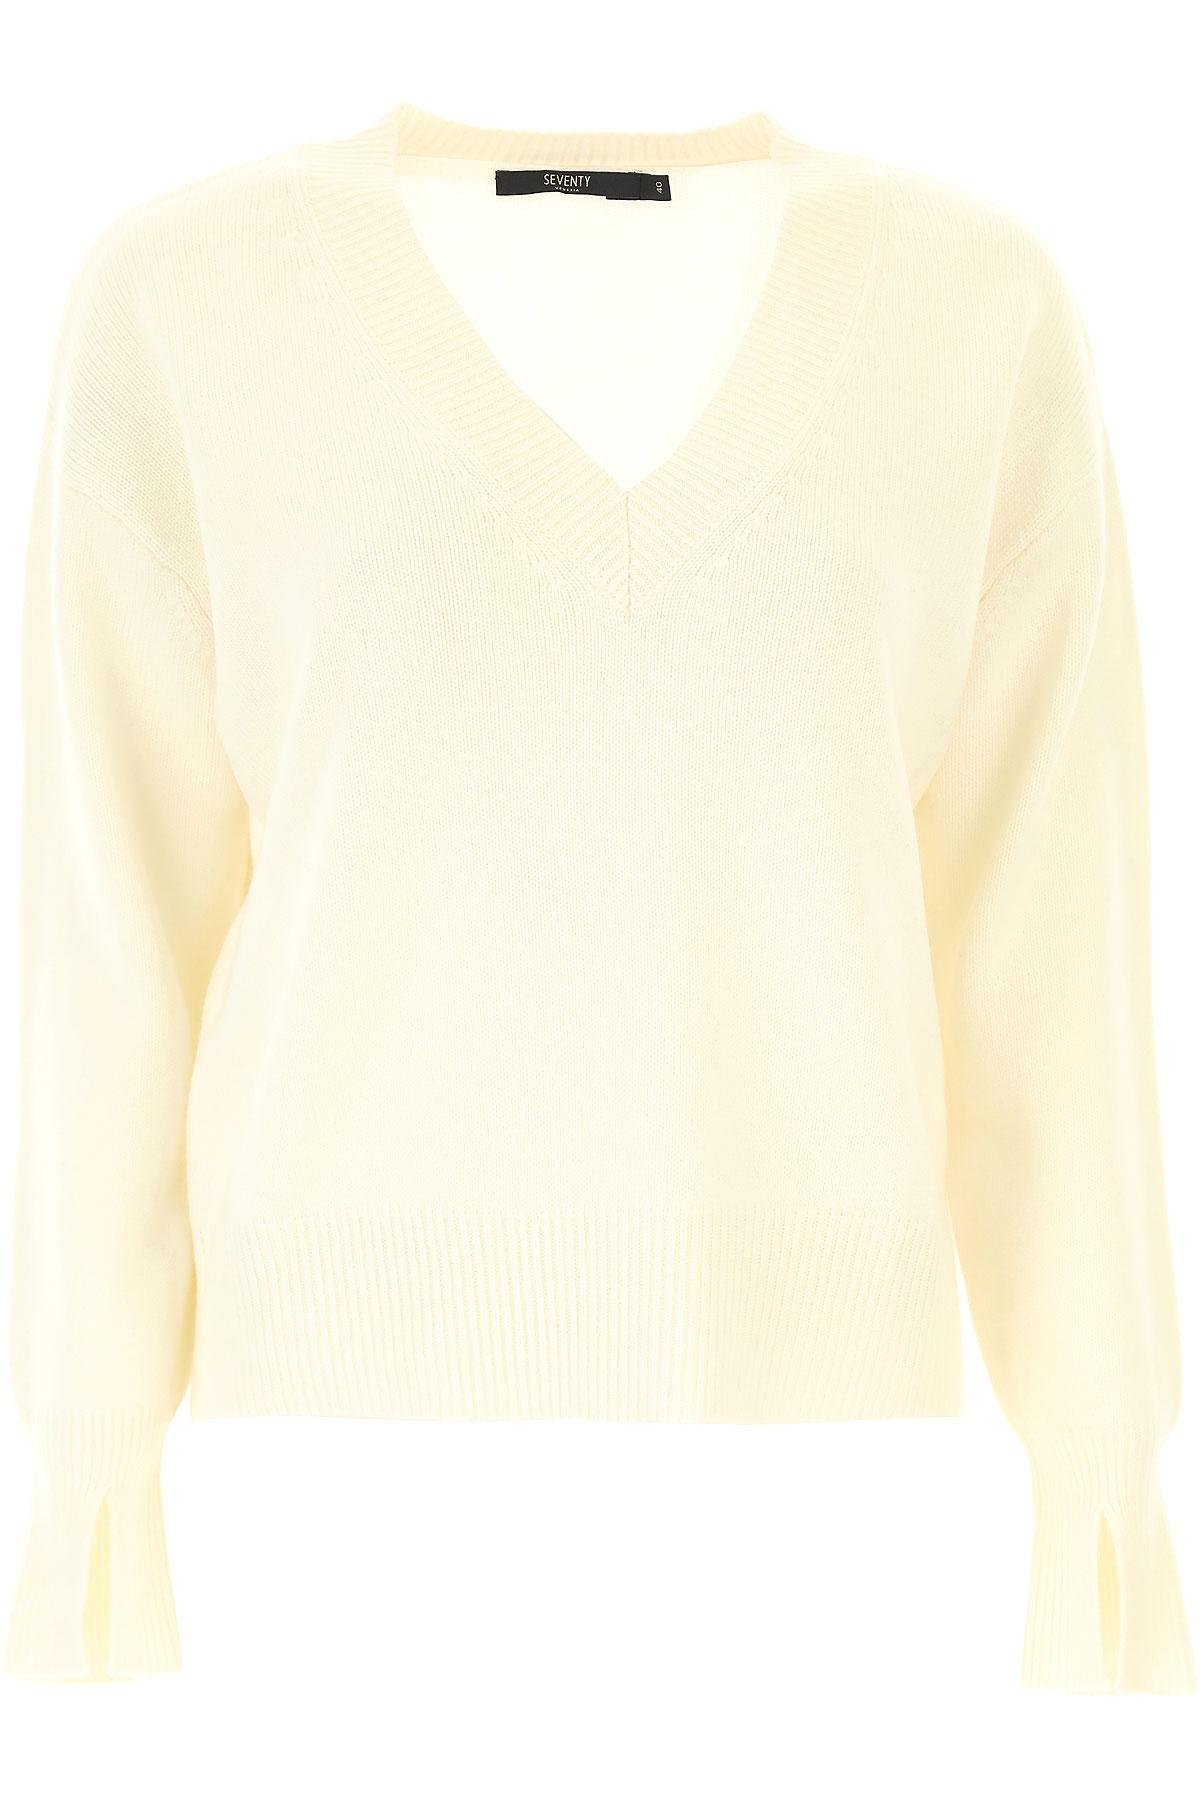 Seventy Sweater for Women Jumper On Sale, White, Wool, 2019, 4 6 8